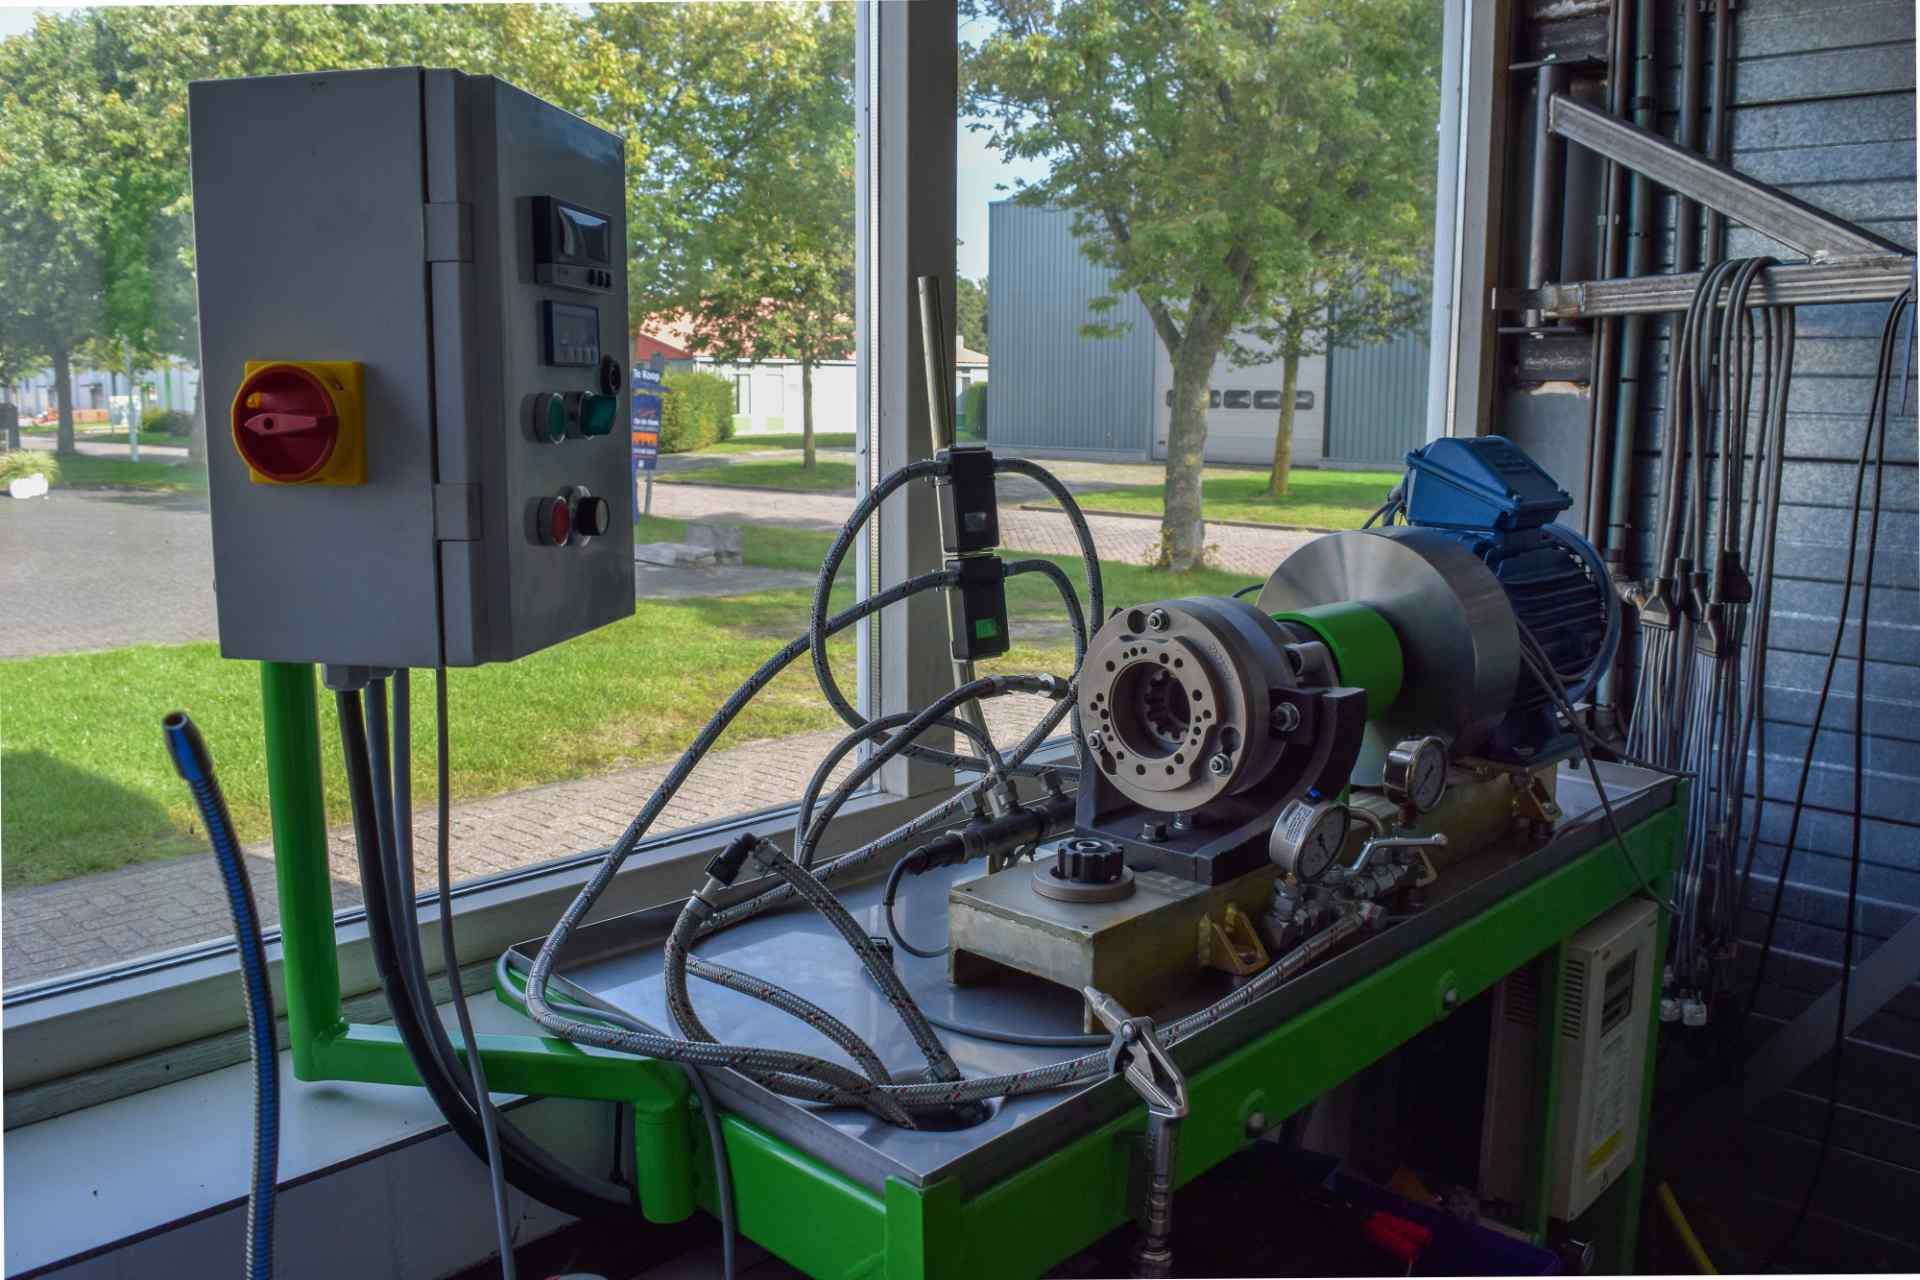 Goede Brandstofpomp & Verstuivers testen | Automotoren Revisie – Postma TX-44